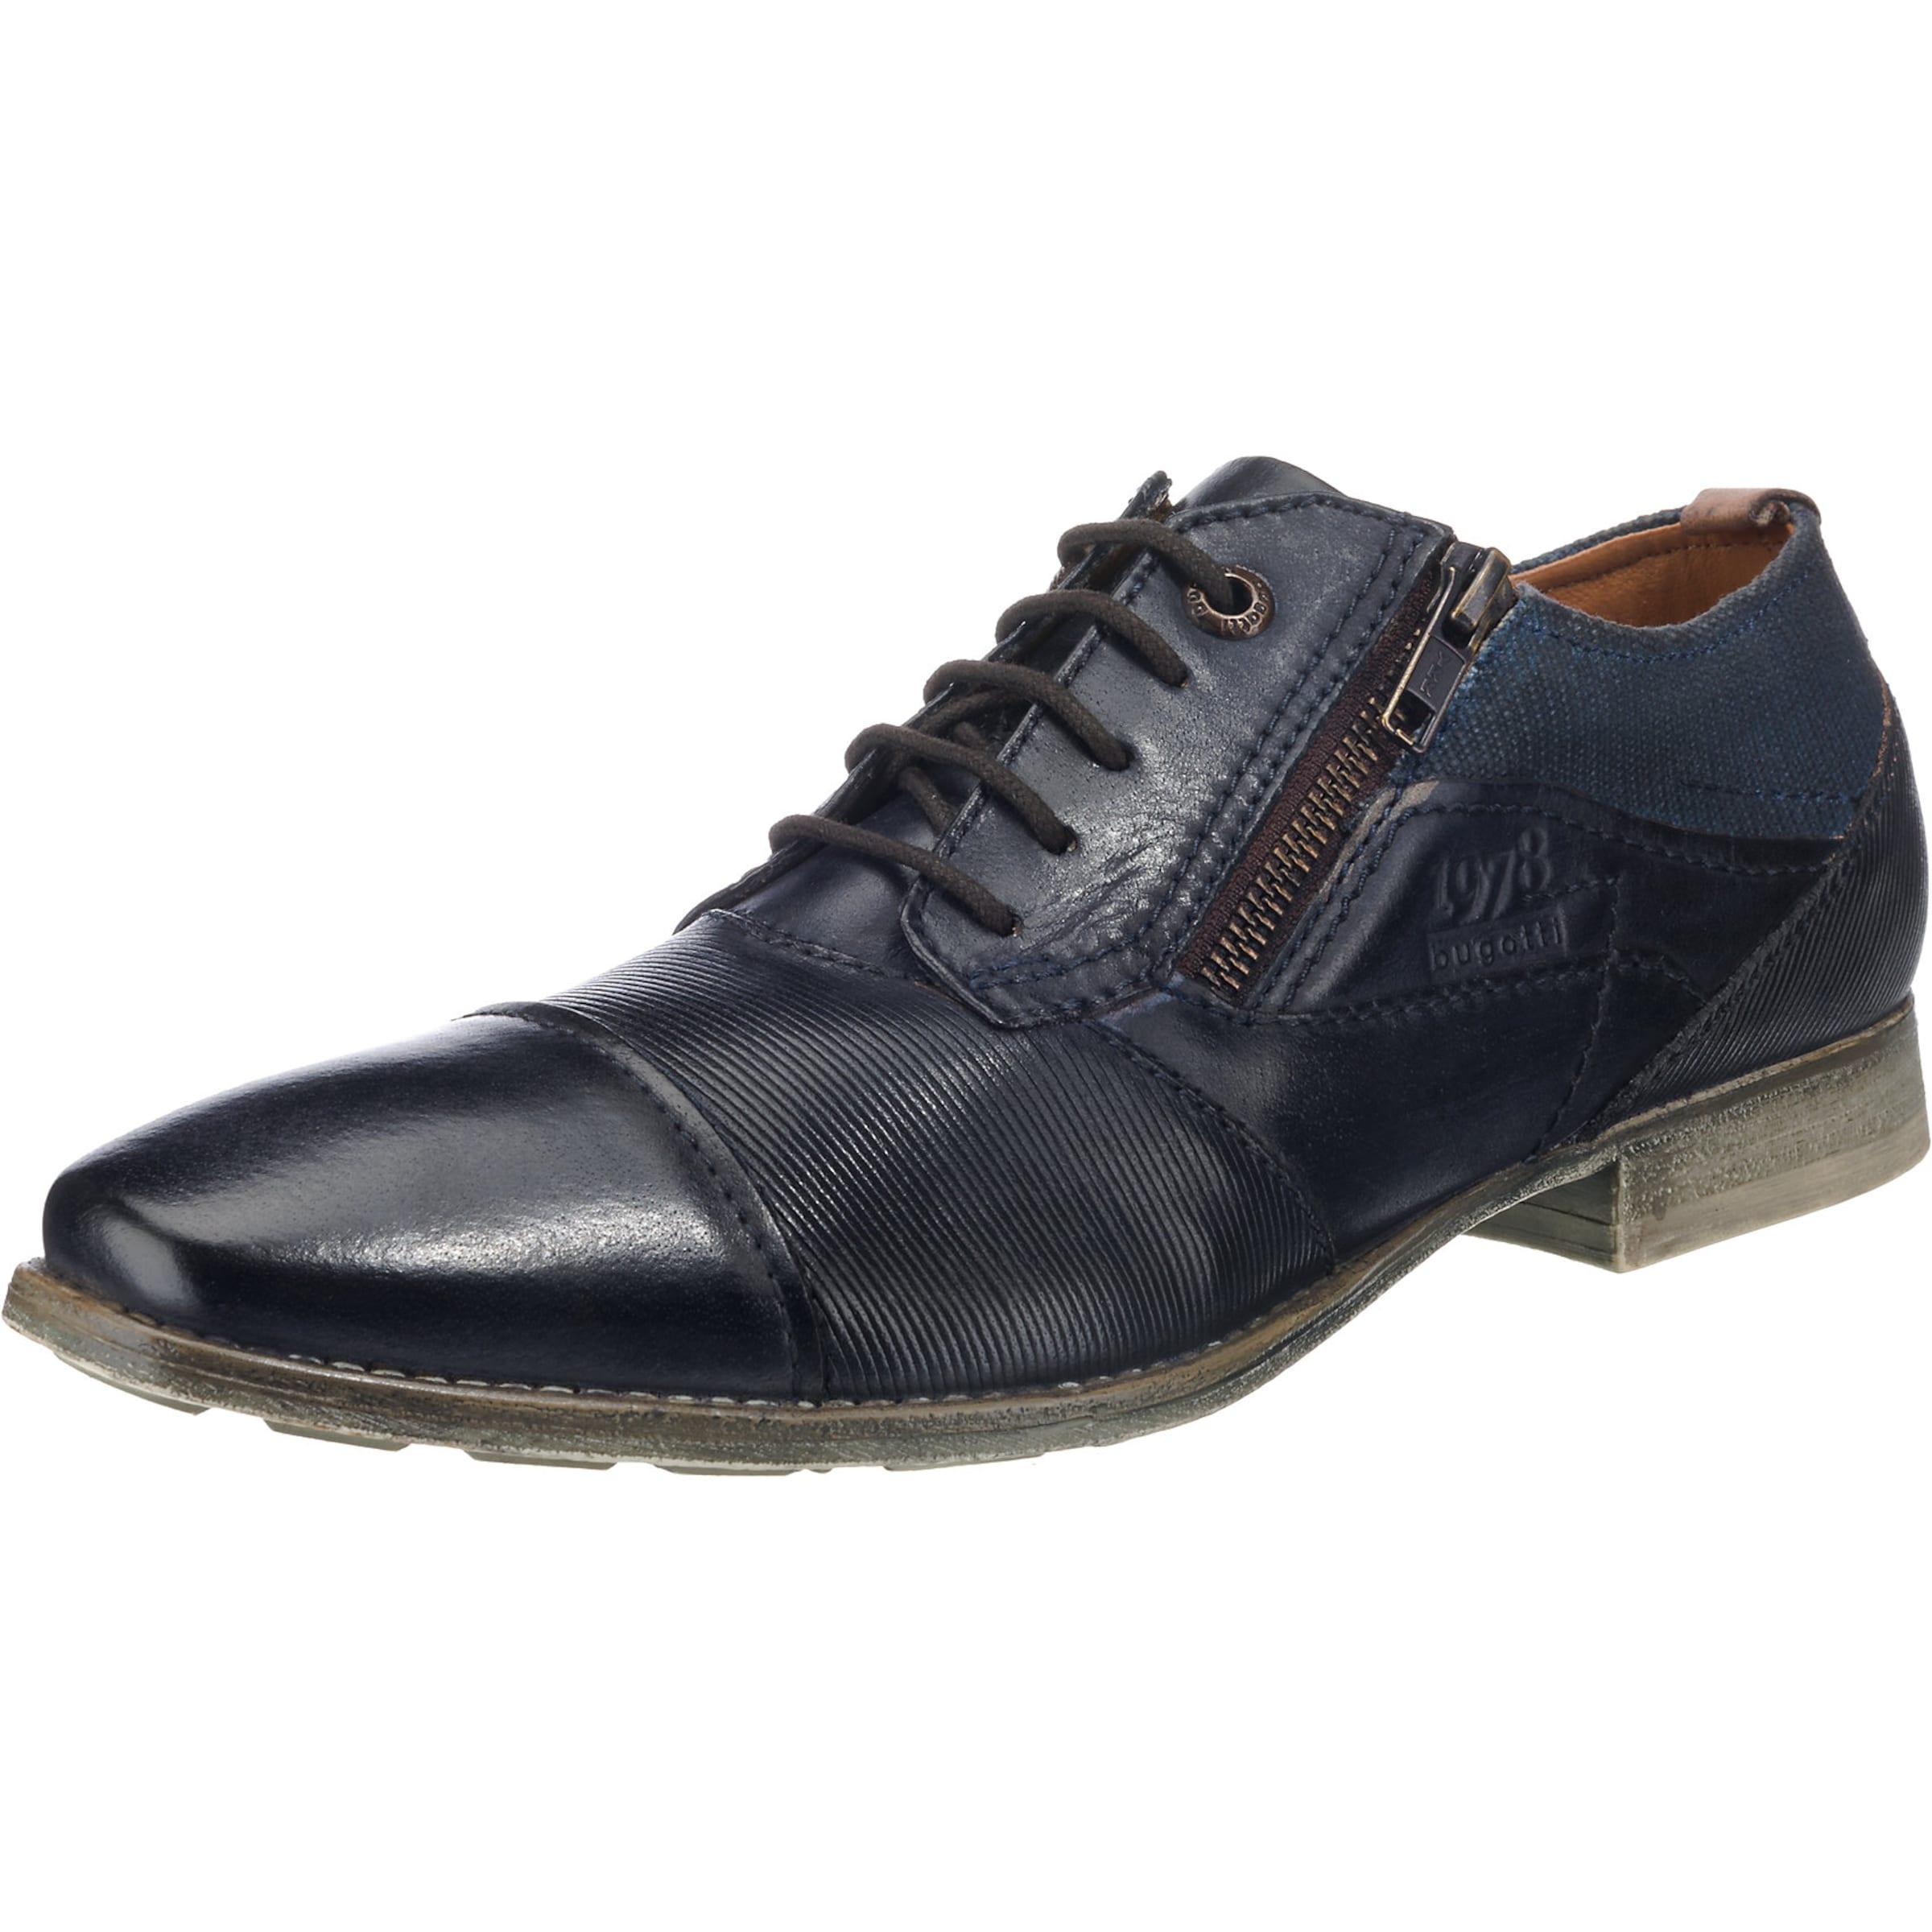 Haltbare Mode Freizeit billige Schuhe bugatti | Freizeit Mode Schuhe Schuhe Gut getragene Schuhe 93b13c